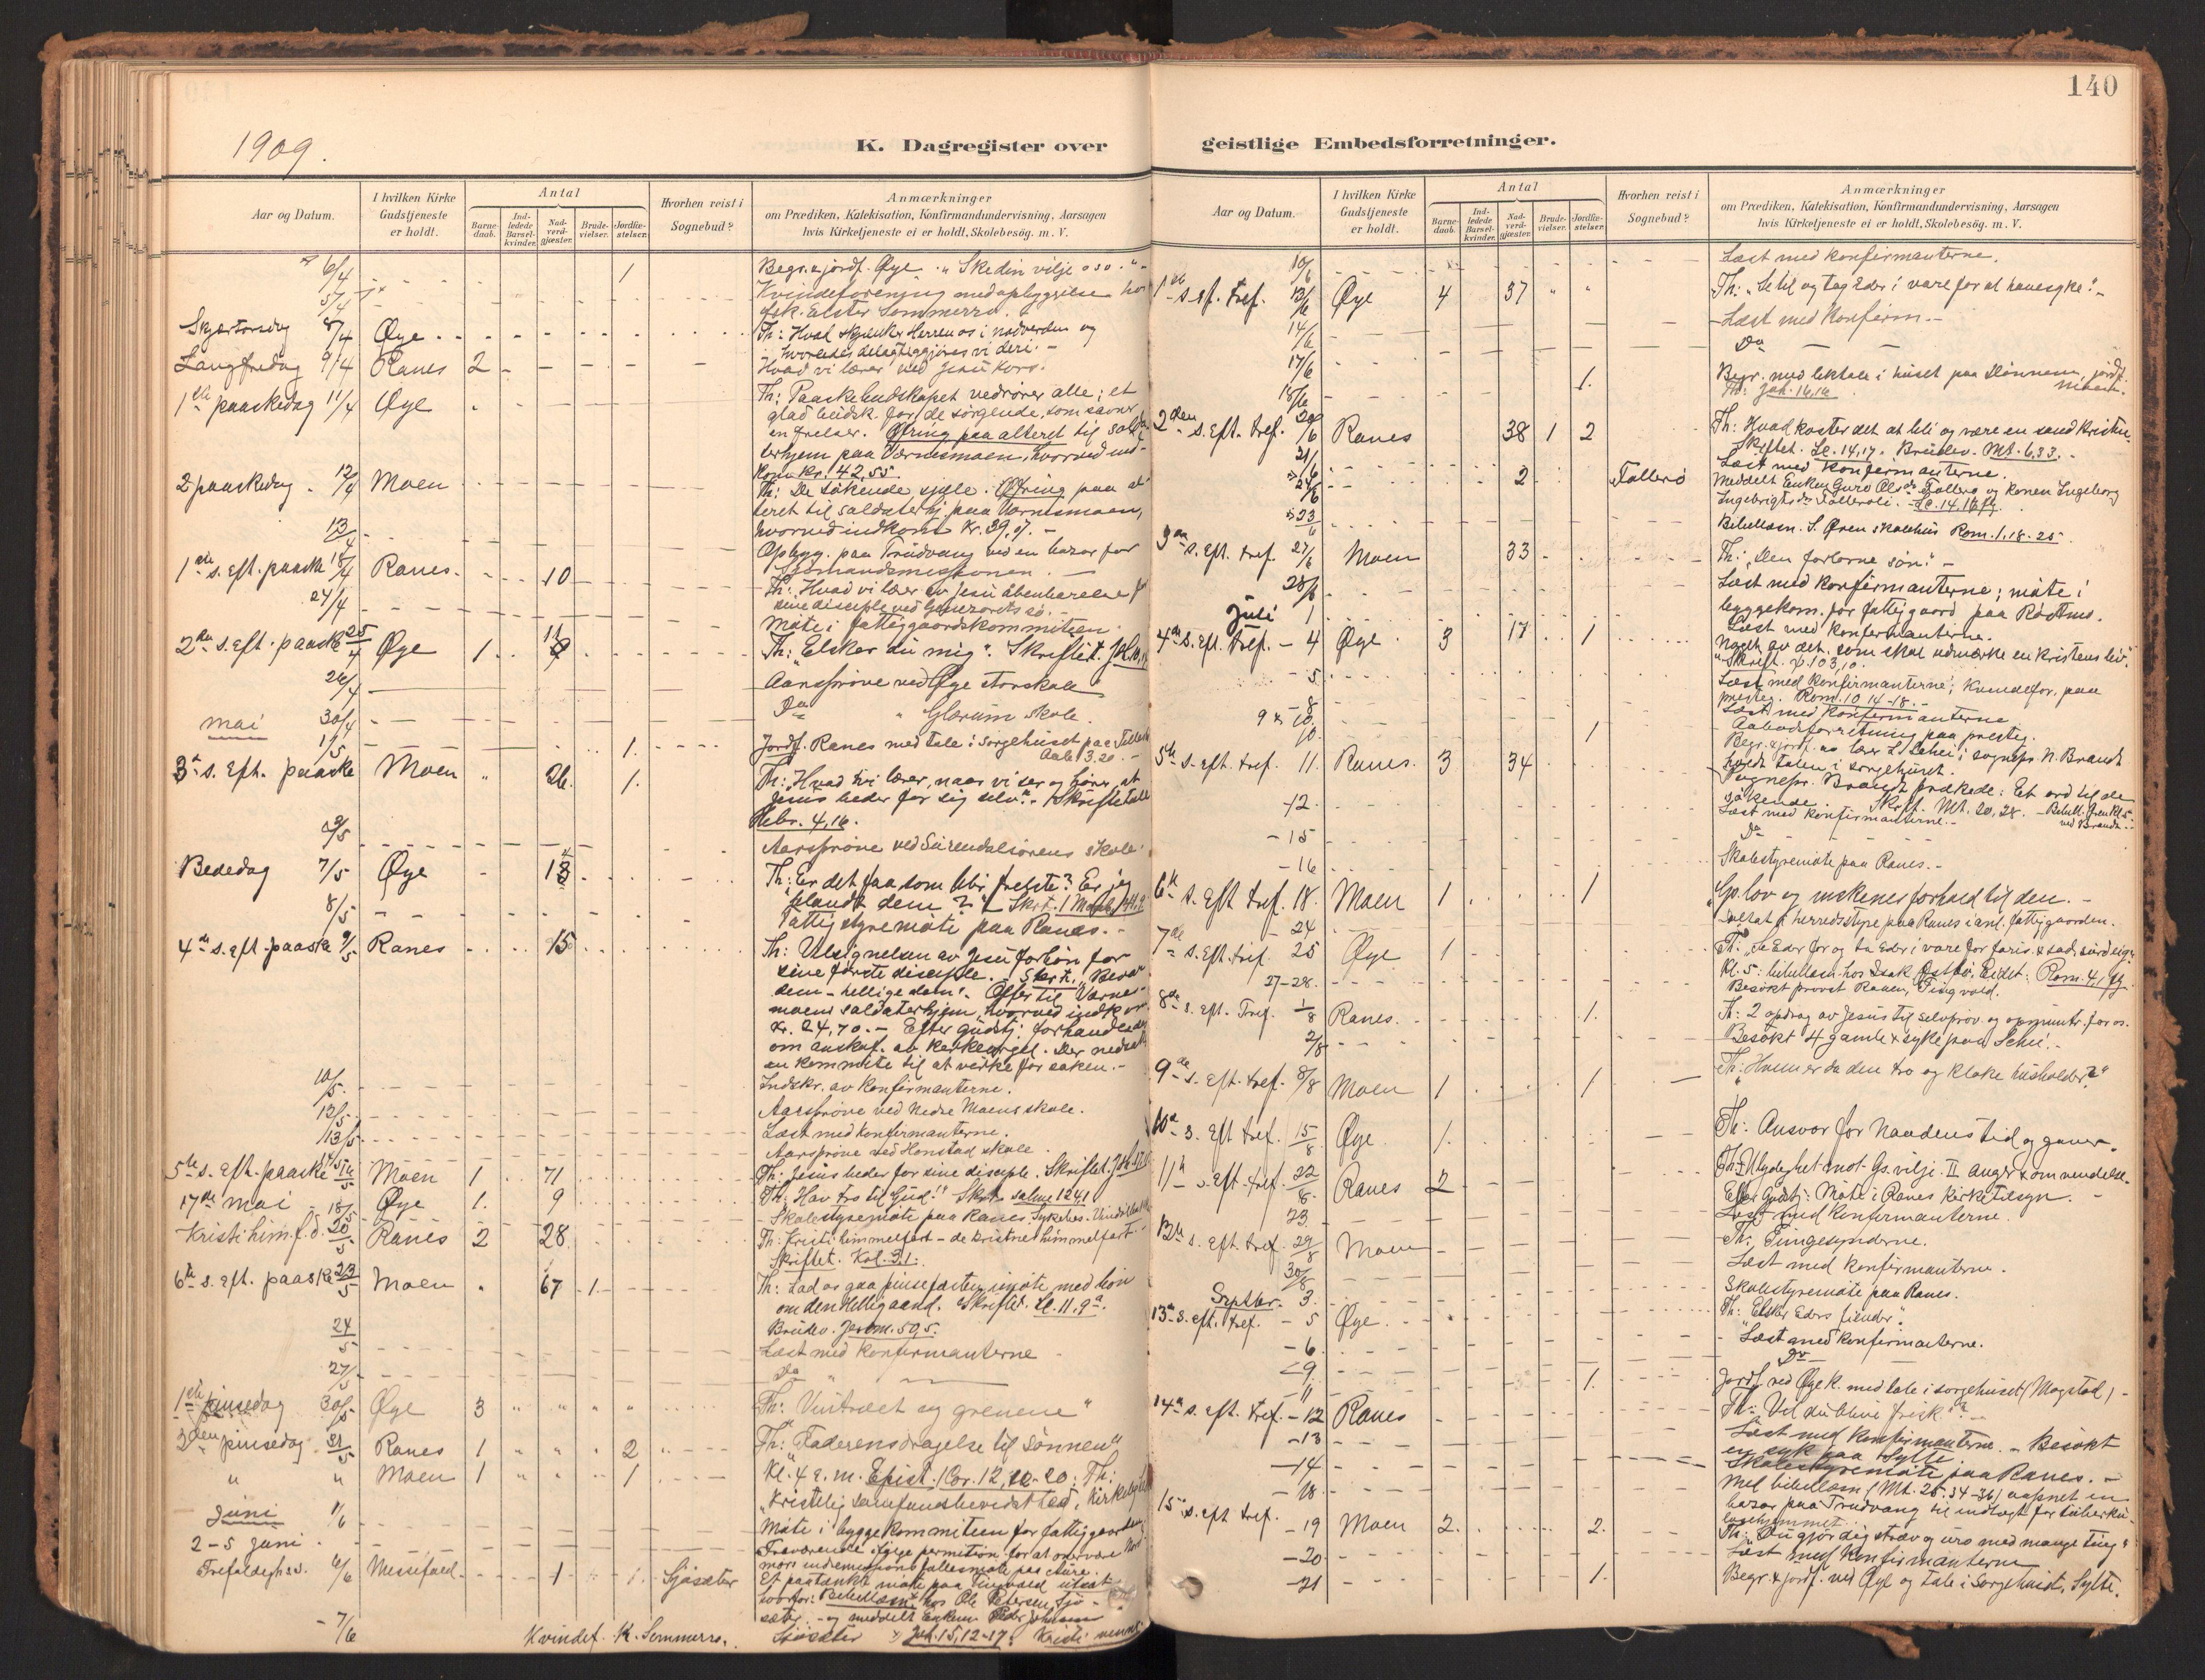 SAT, Ministerialprotokoller, klokkerbøker og fødselsregistre - Møre og Romsdal, 595/L1048: Ministerialbok nr. 595A10, 1900-1917, s. 140